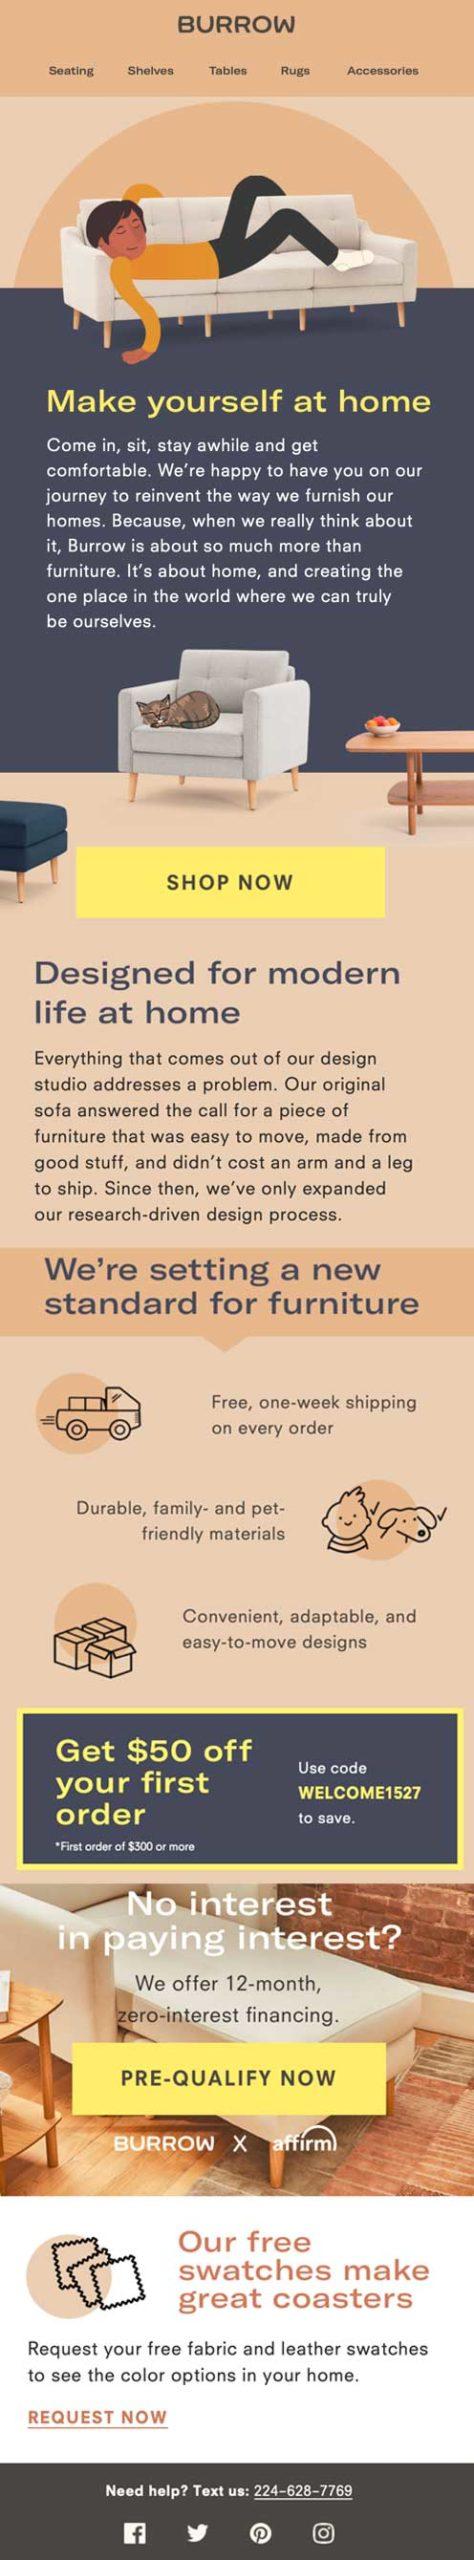 приветственная емейл рассылка от бренда Burrow с иллюстрацией спящего мужчины и мебели бренда